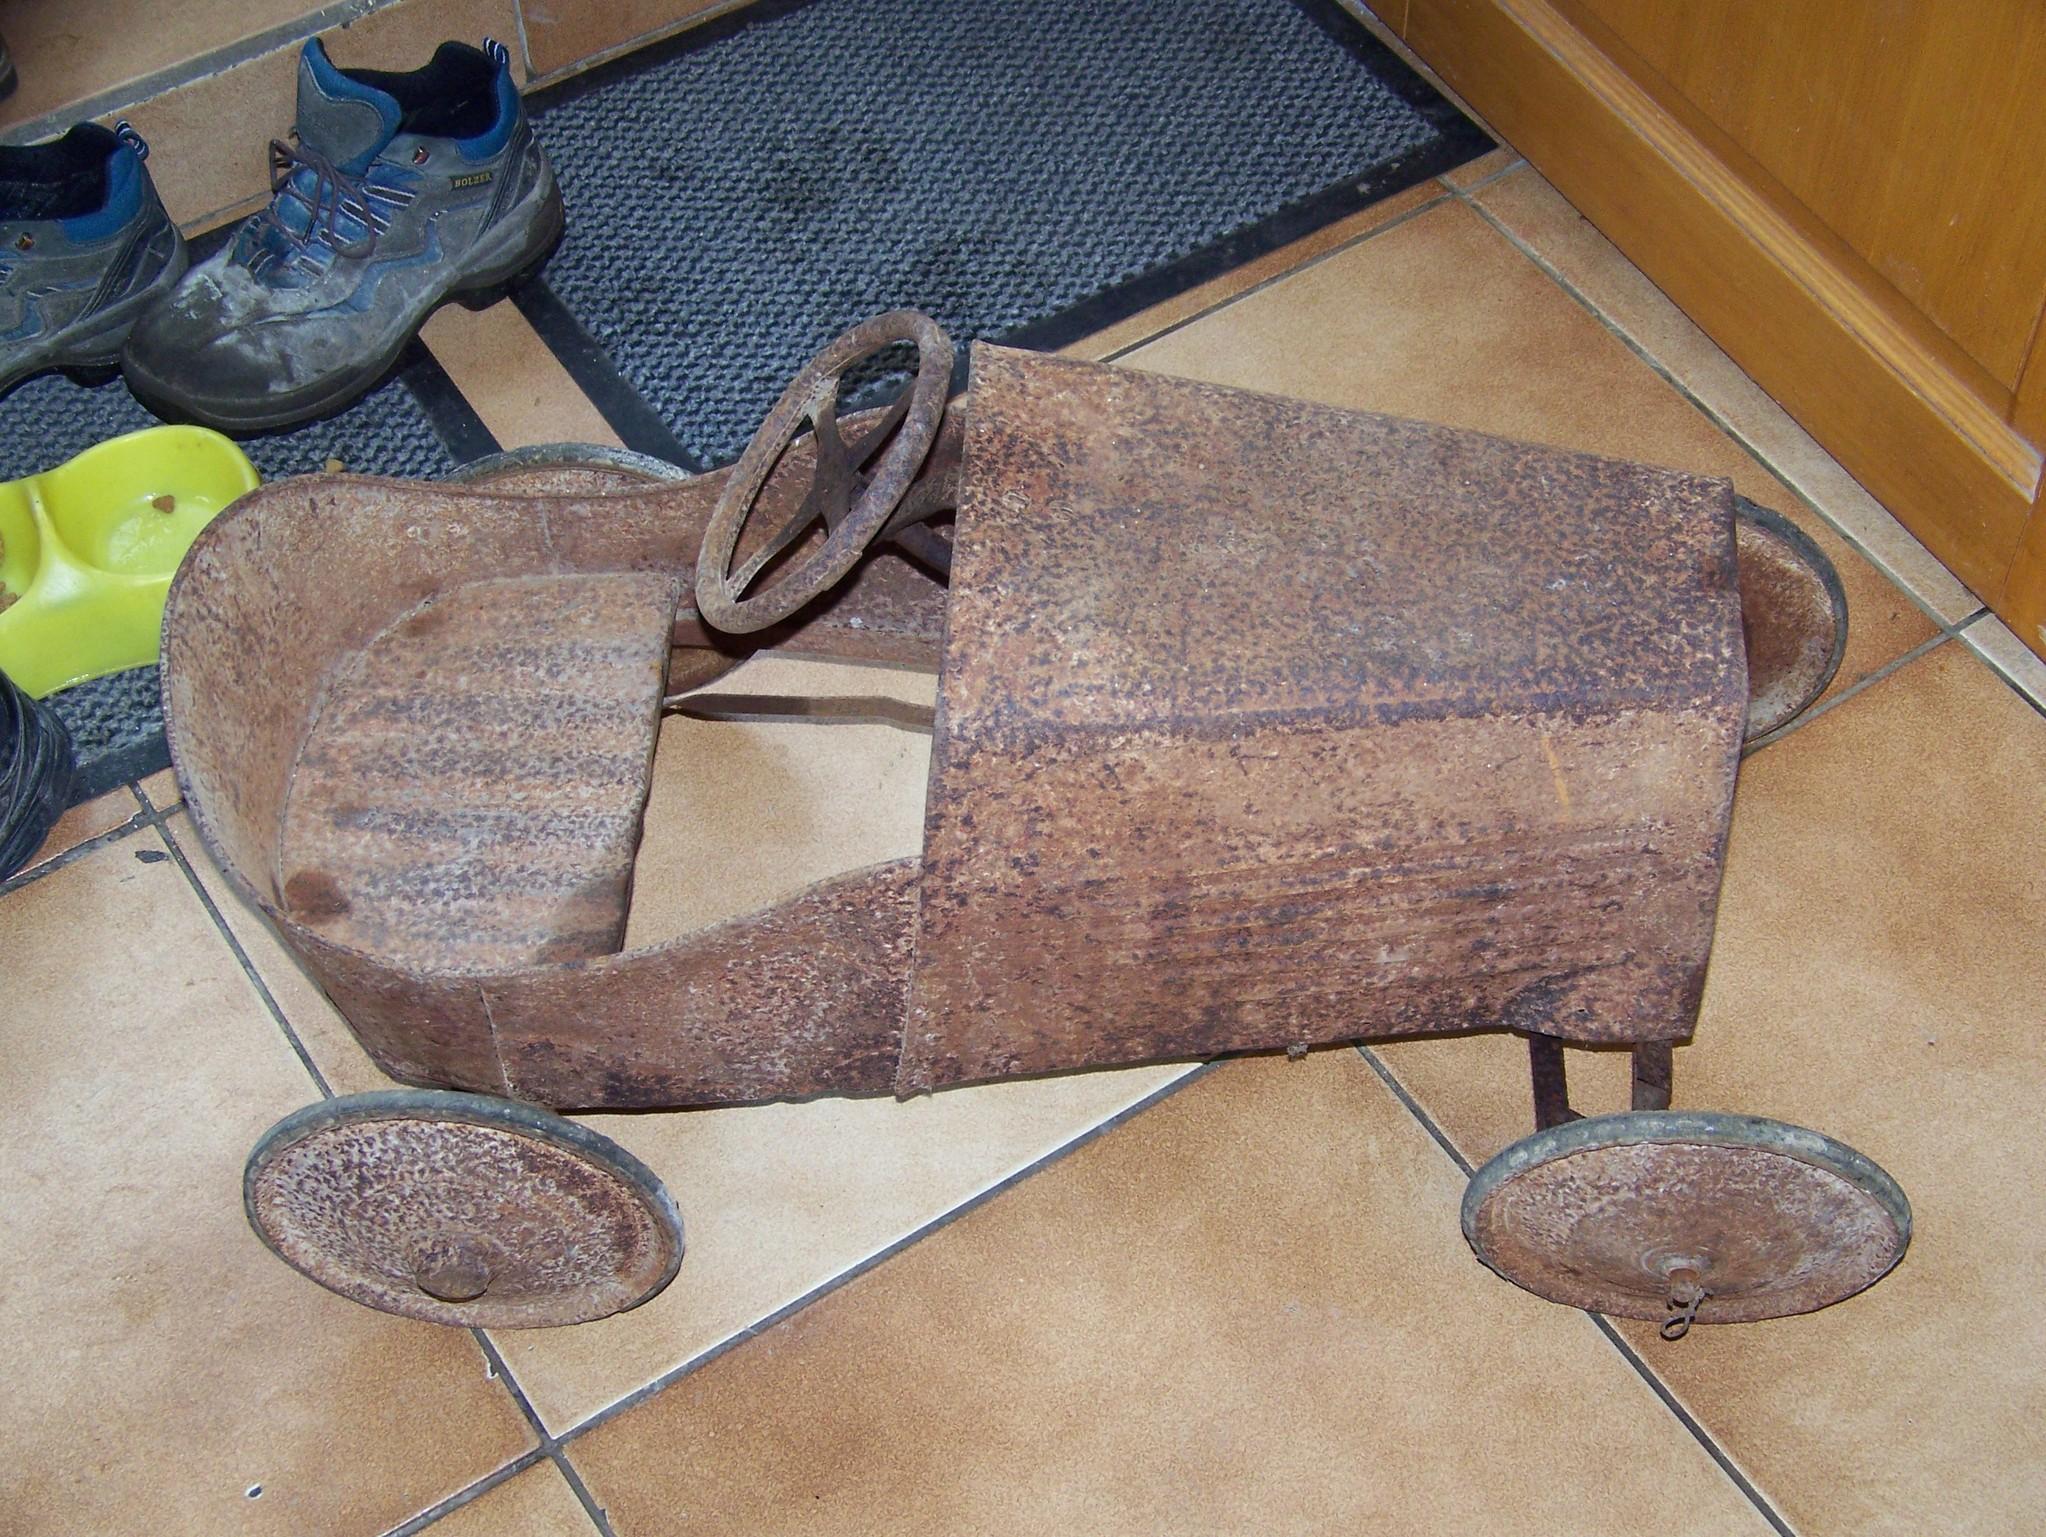 9cd92c9f37119b bonjour, je suis a la recherche d info concernant une voiture a pedale que  j ai restauré, je ne connais ni la marque, ni l epoque ni la forme  originale de ...